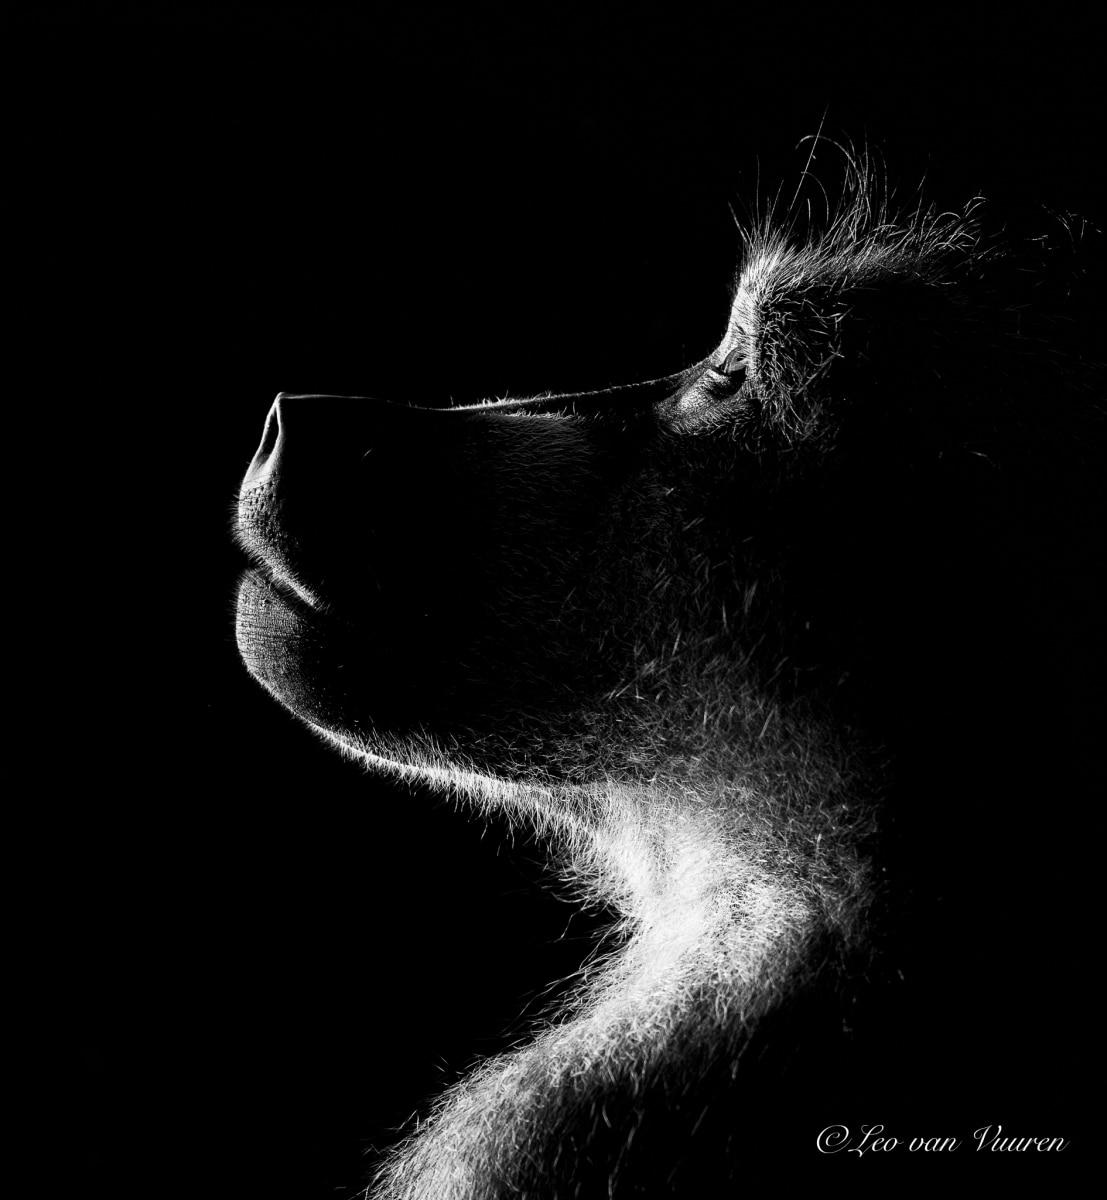 baboon by leo van vuuren